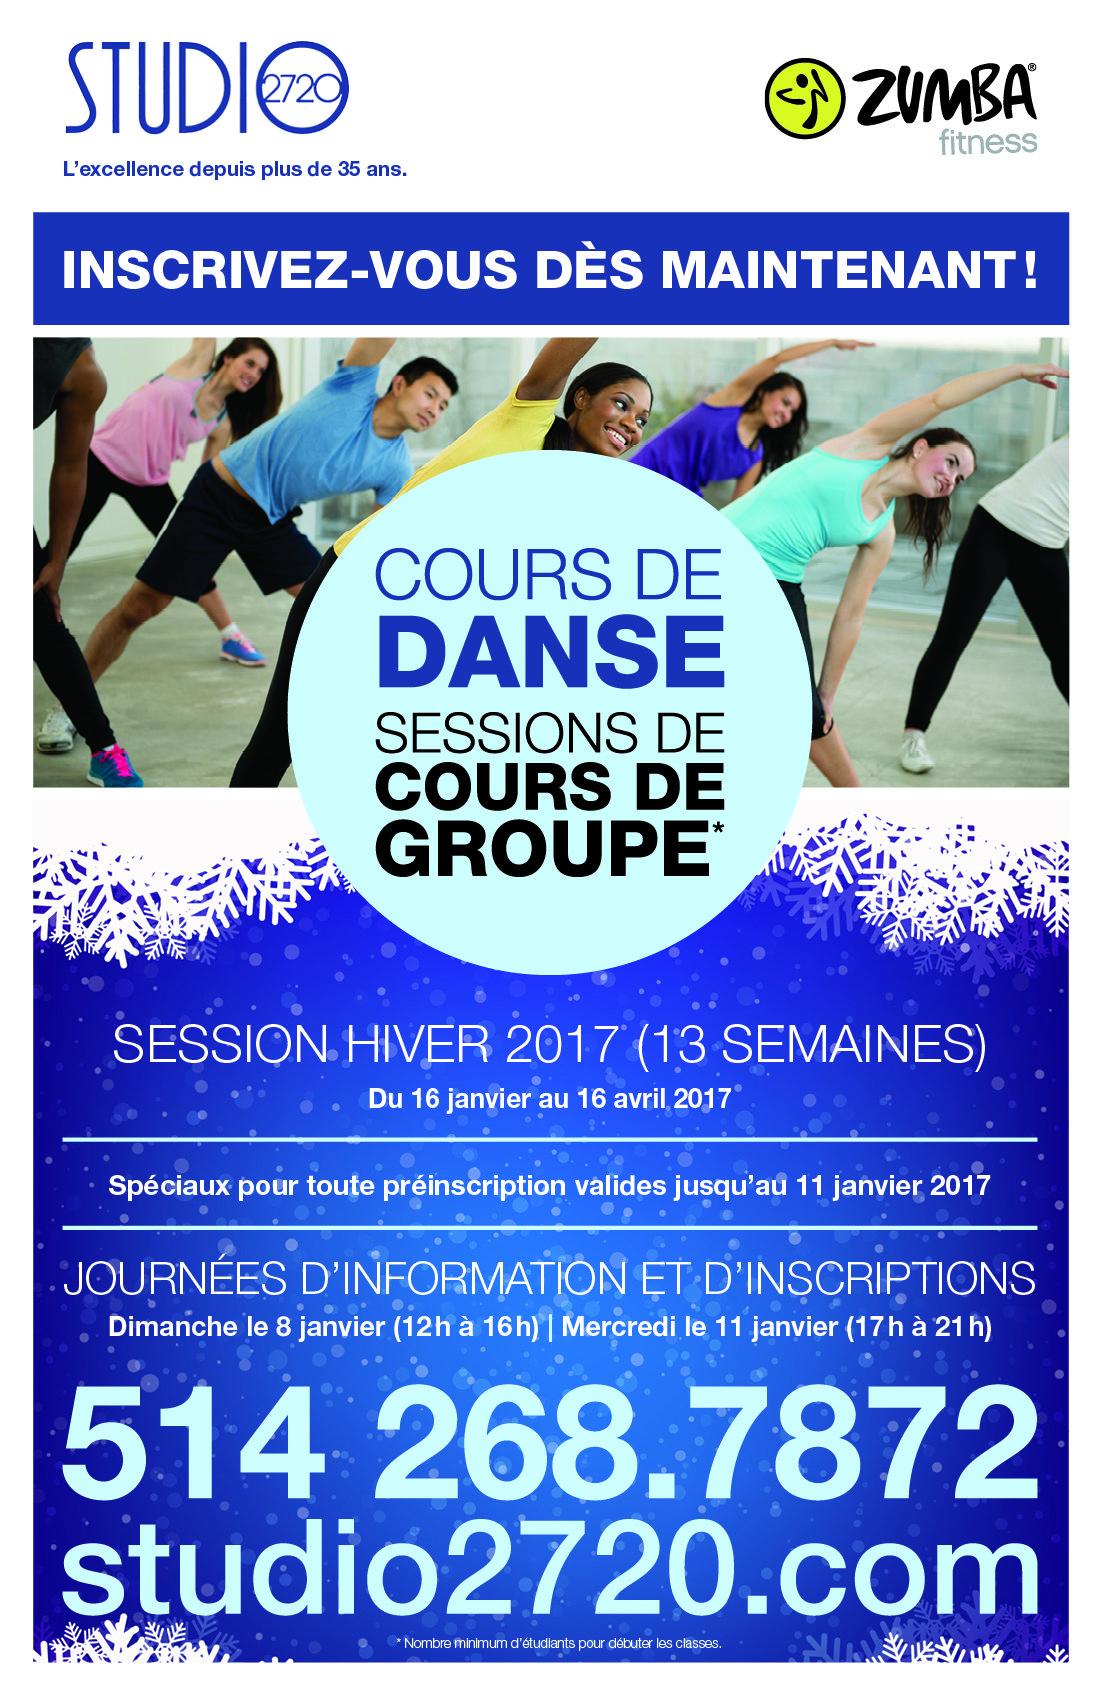 Cours de danse et zumba Montréal - Studio2720